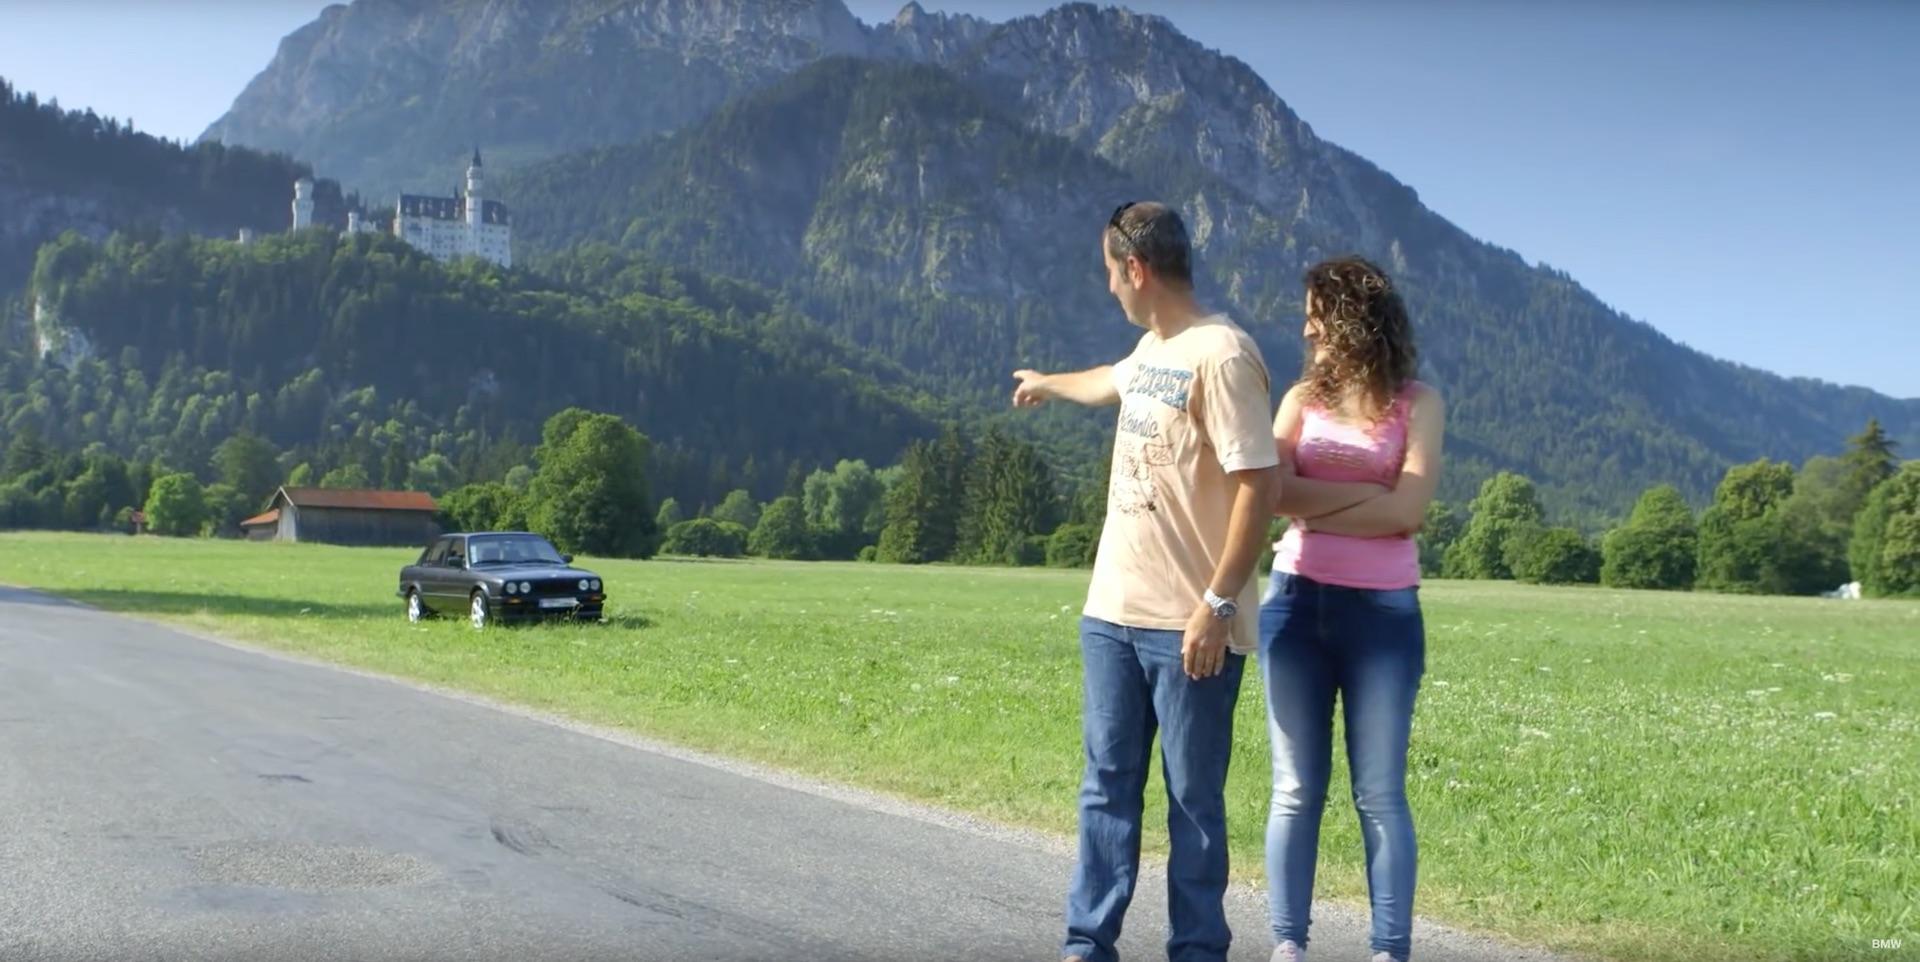 BMW E30 3300 KM To Munich - 2